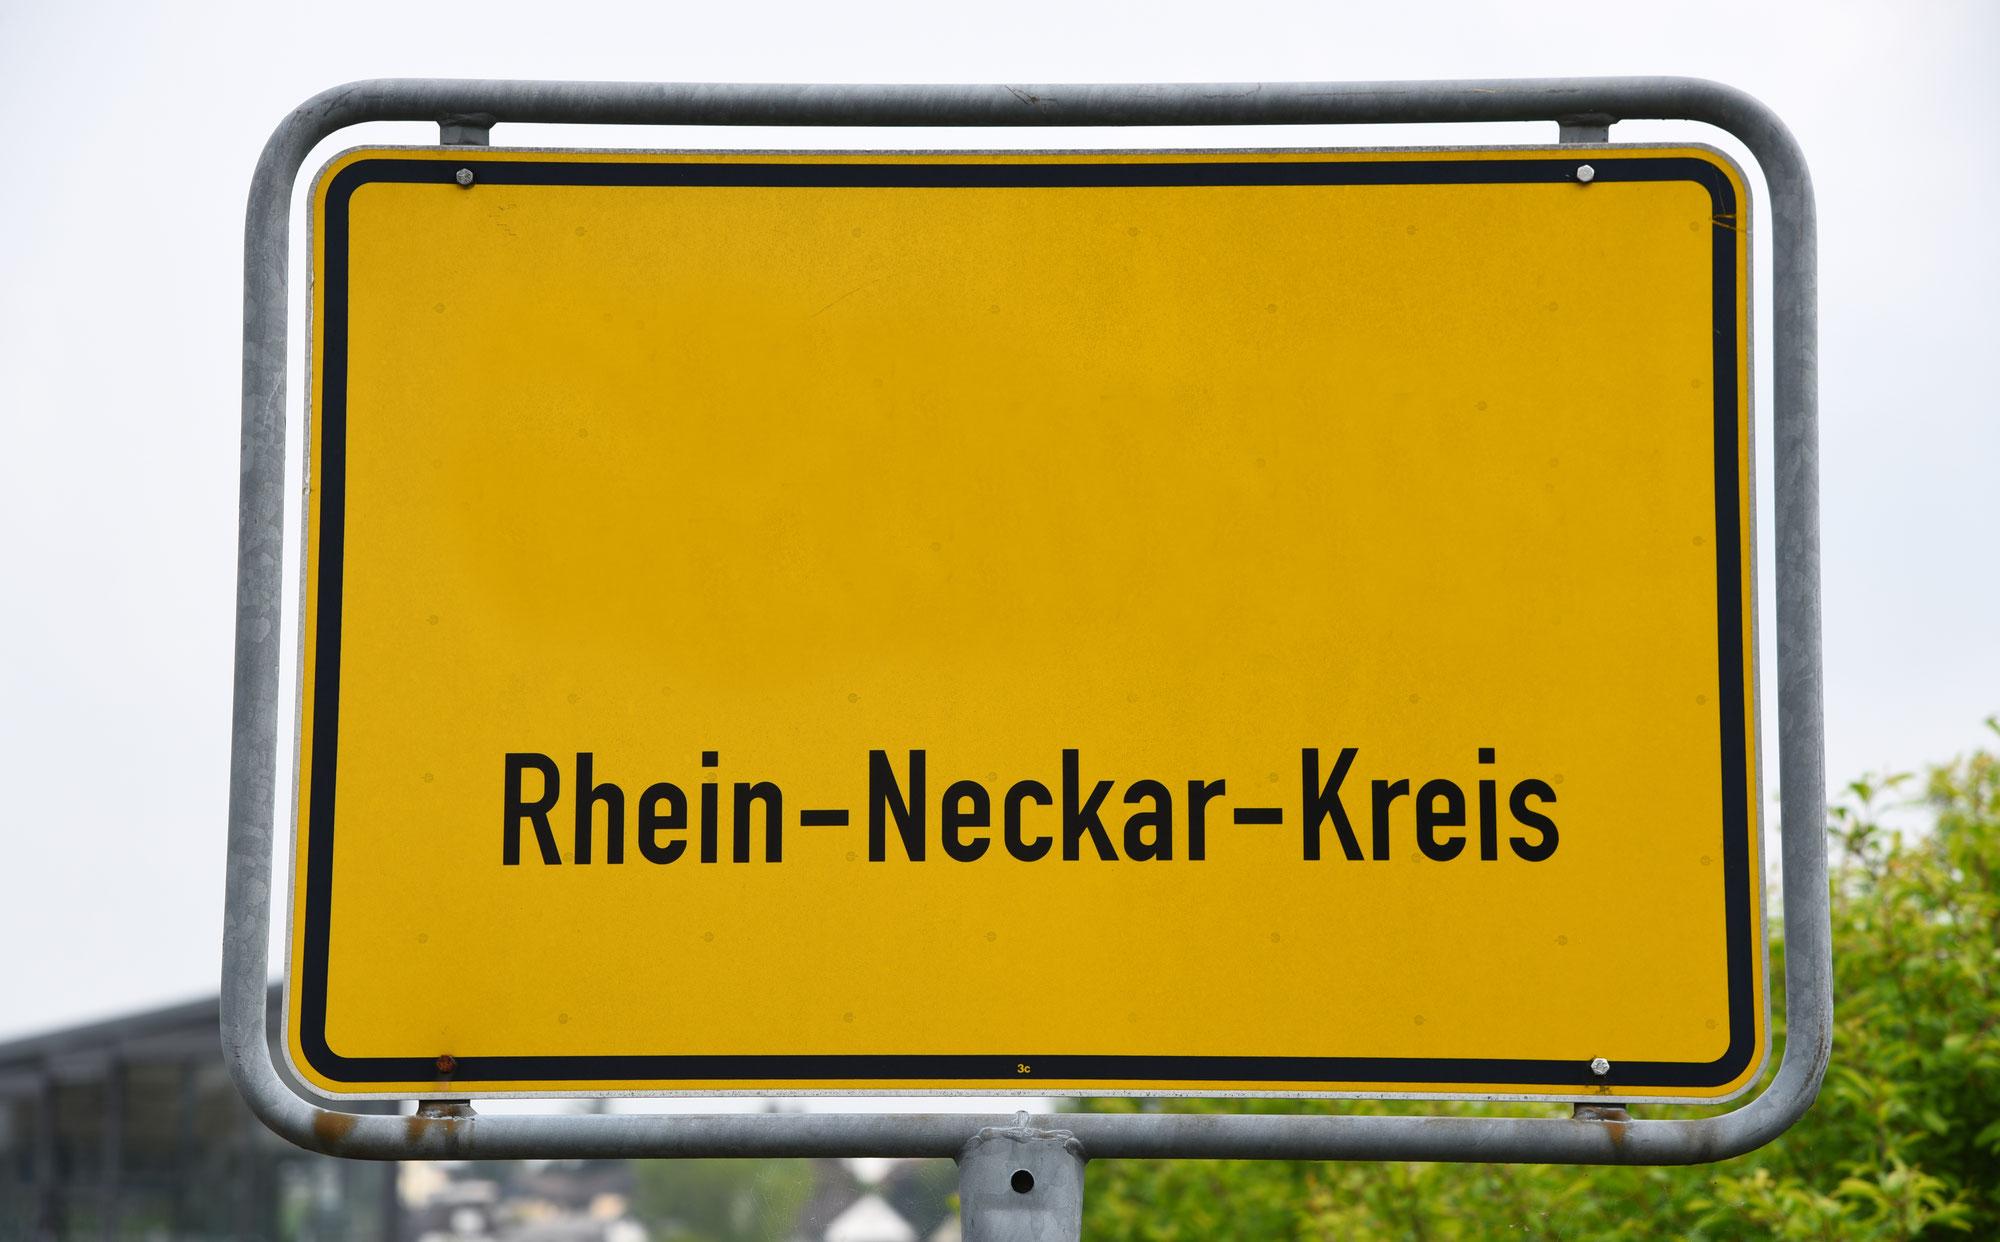 Sieben-Tage-Inzidenz im Rhein-Neckar-Kreis konstant unter 50: Weitere Lockerungen ab Sonntag, 30. Mai, möglich